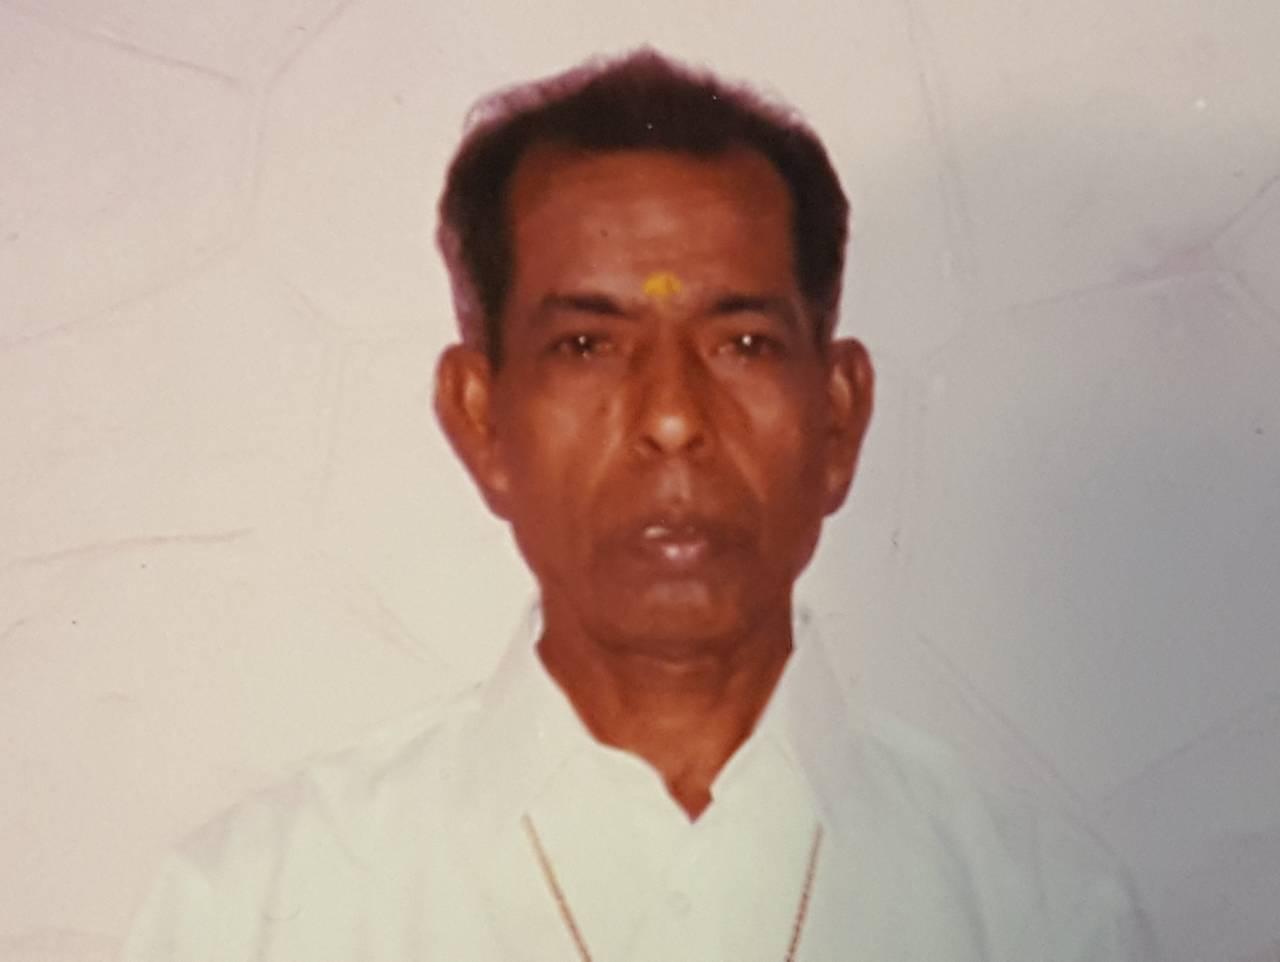 மரண அறிவித்தல்  தம்பிராசா காசிநாதர் (ஓய்வு நிலை ஆசிரியர்)